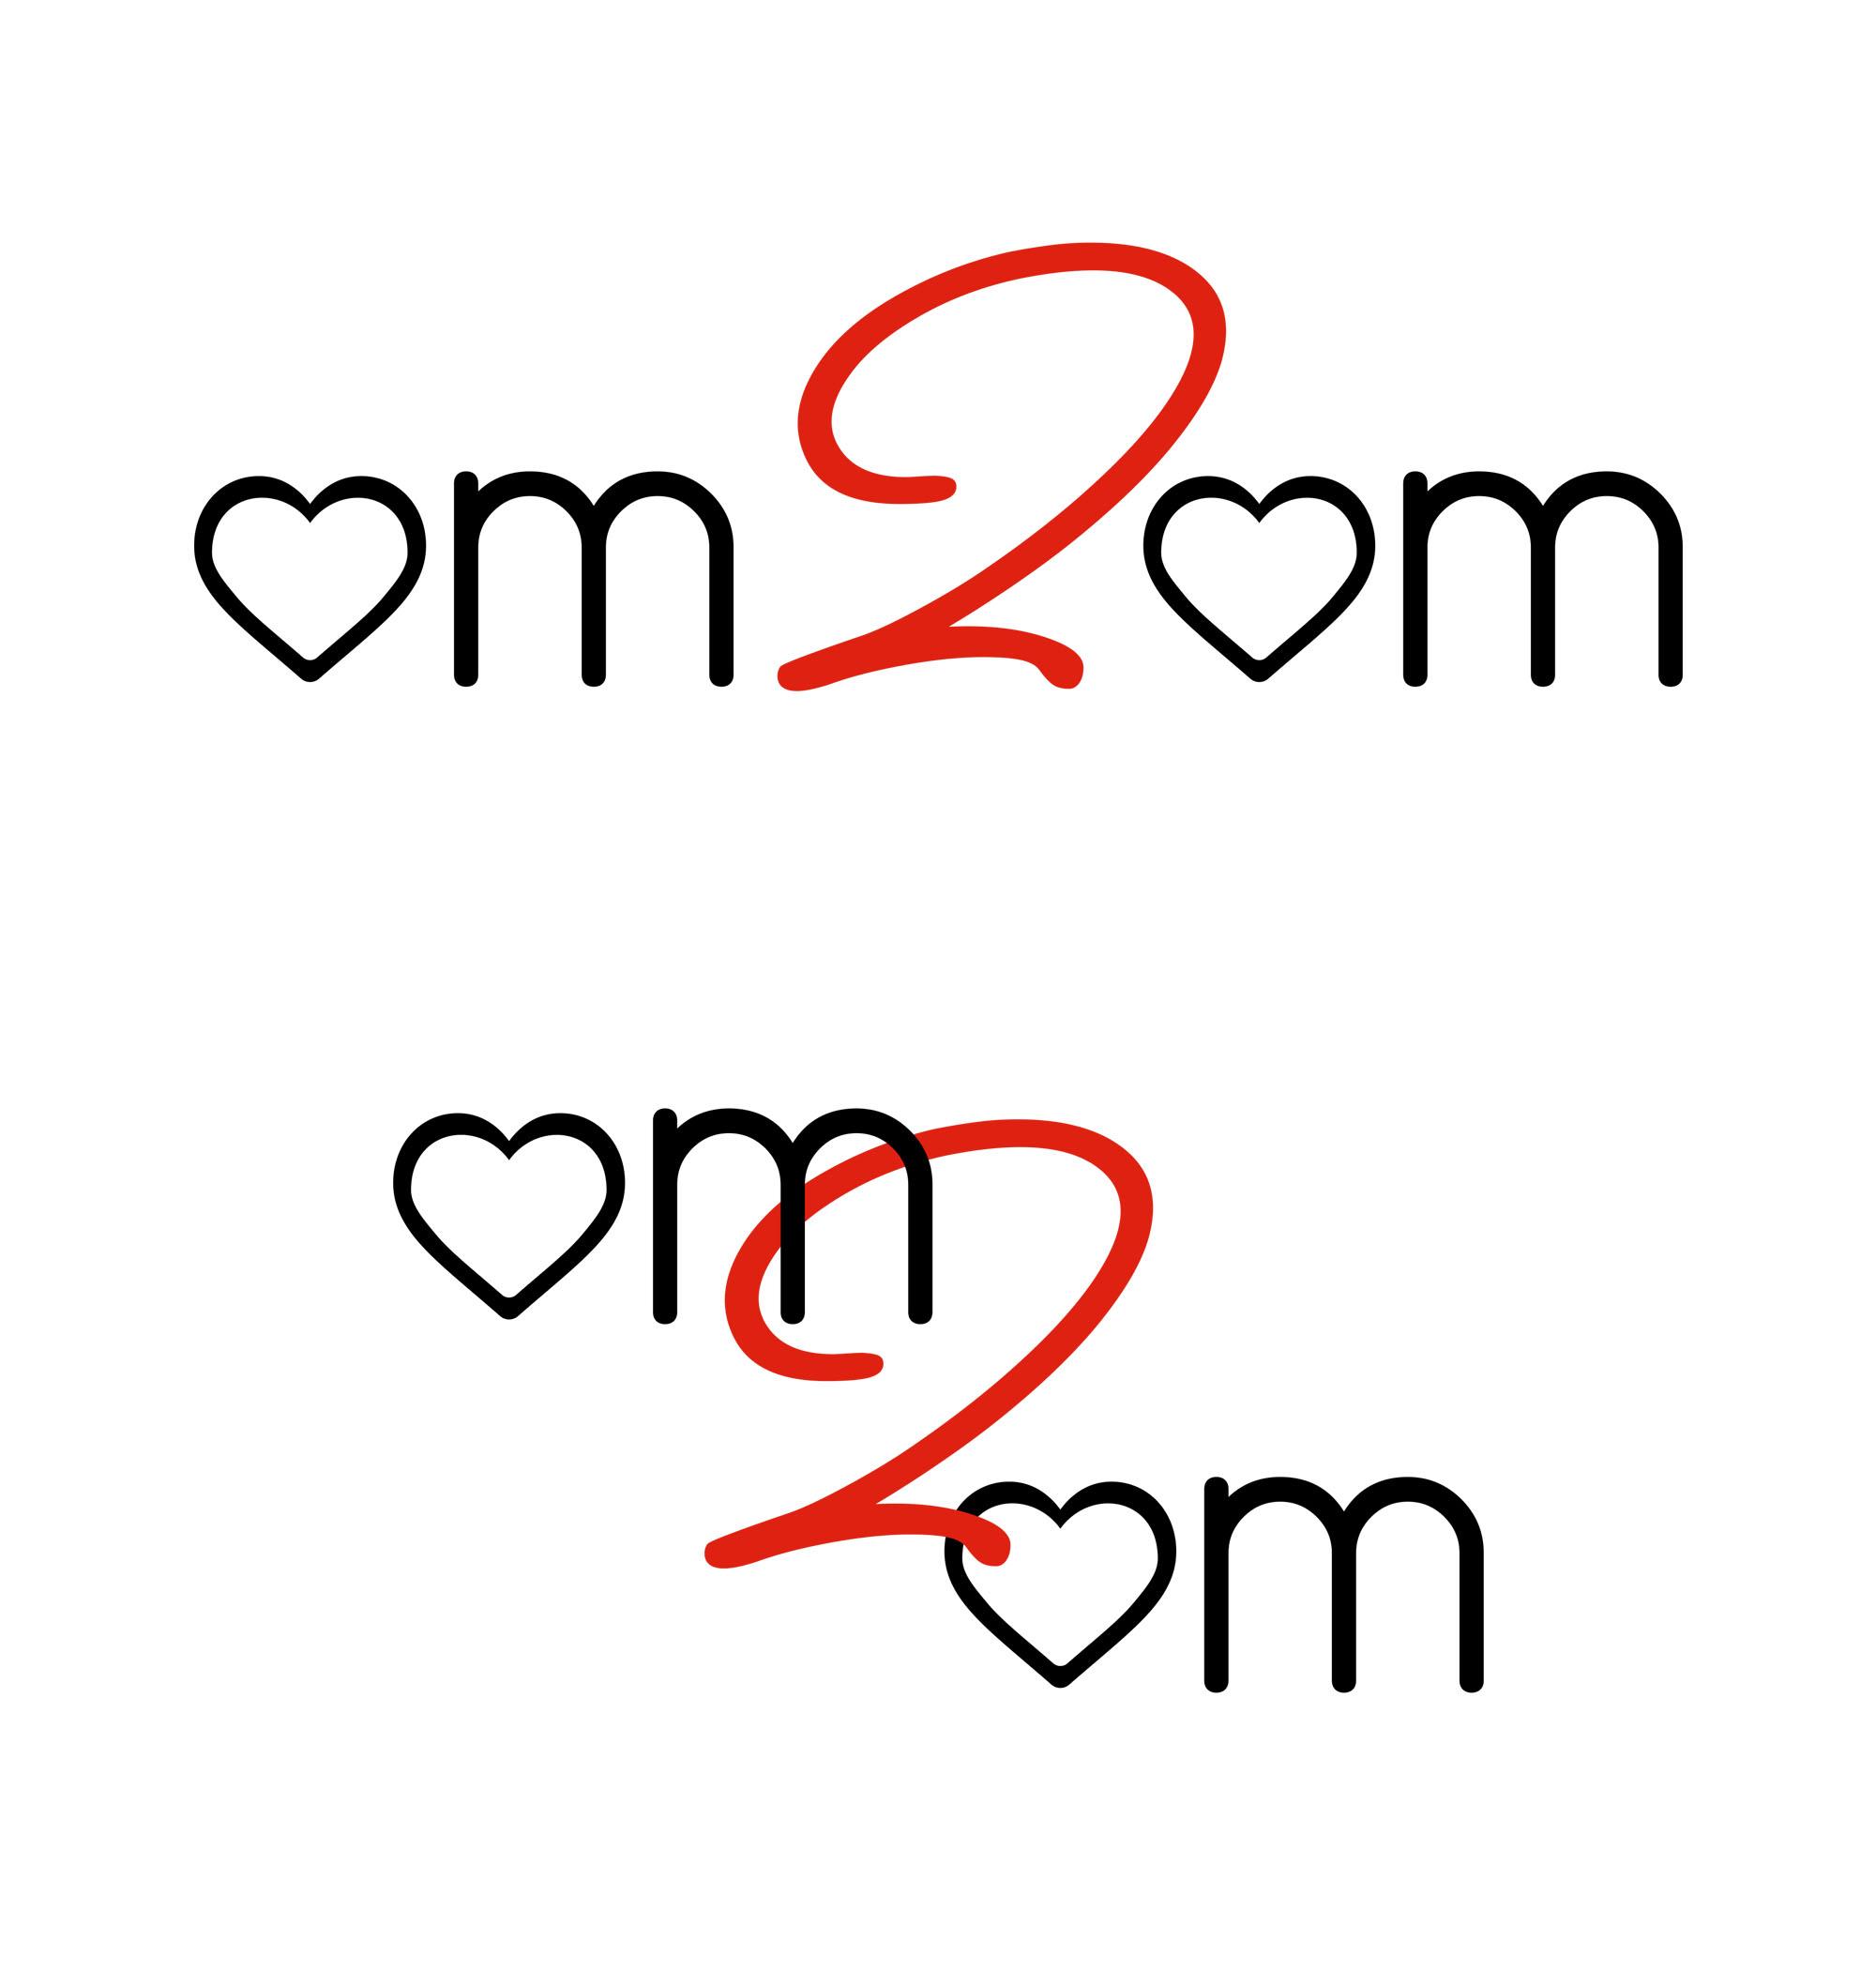 Разработка логотипа для краудфандинговой платформы om2om.md фото f_8875f588a4b5c52f.jpg